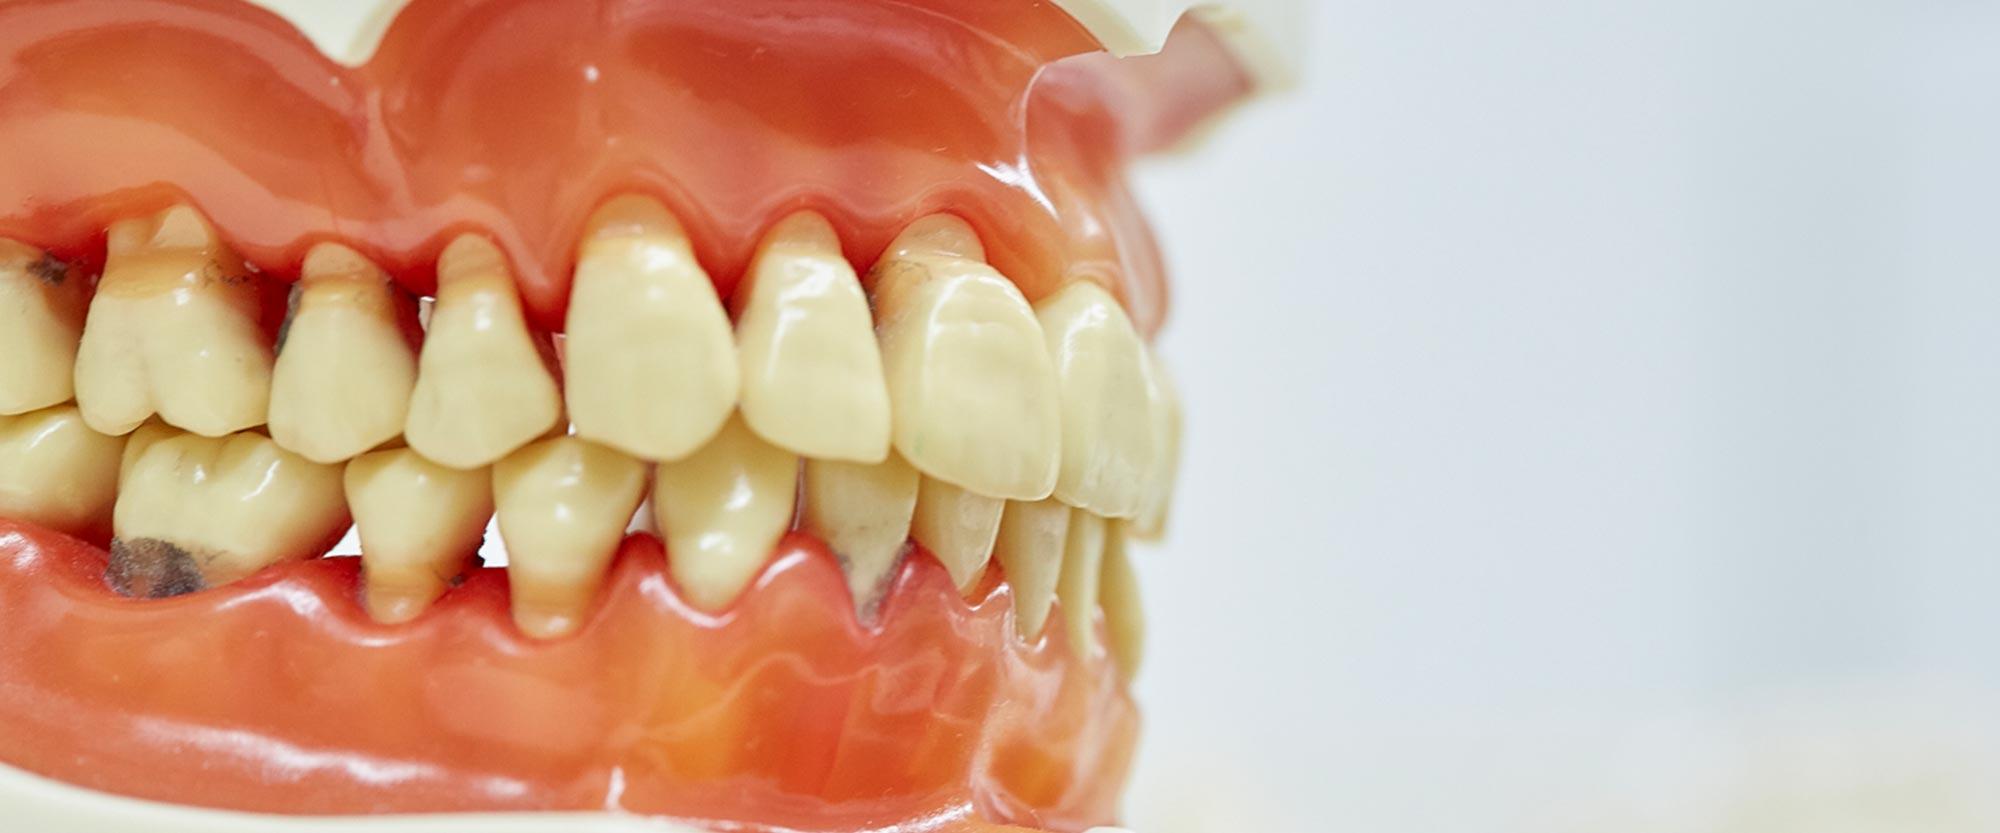 Modell eines Gebisses für die Behandlung von Parodontitis in Leer